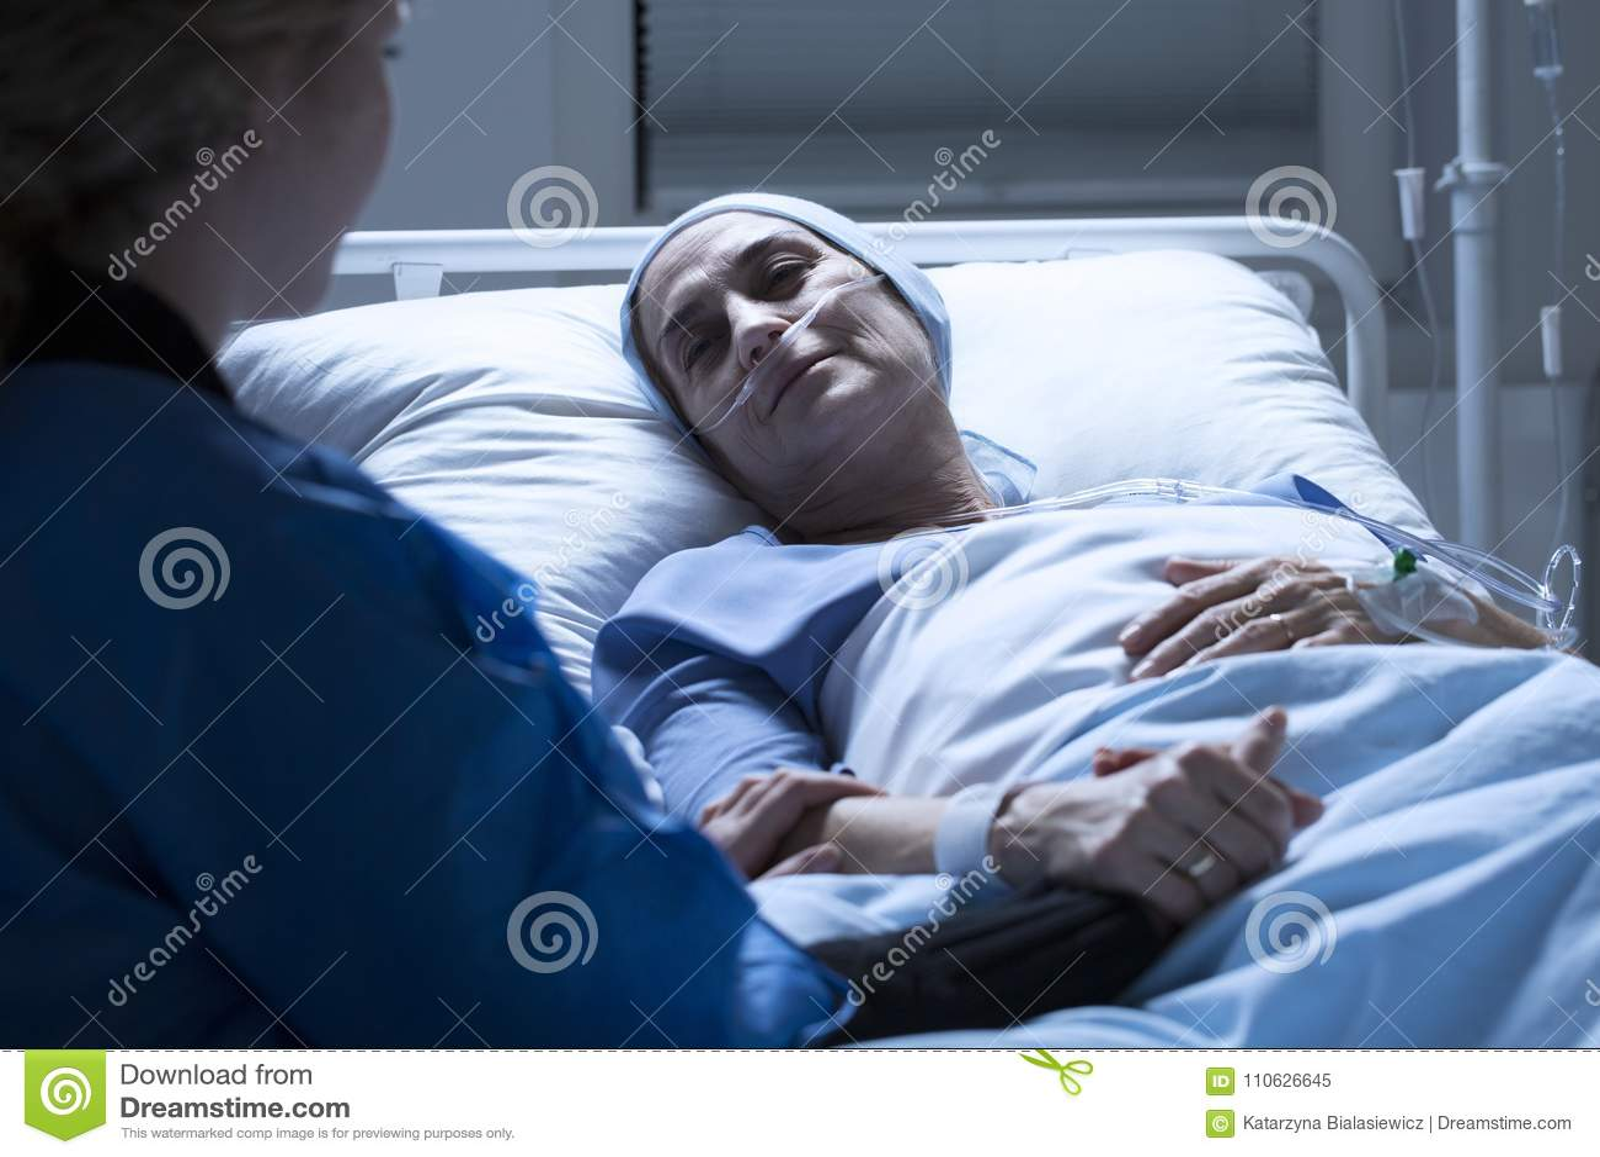 Familielid en zieke vrouw